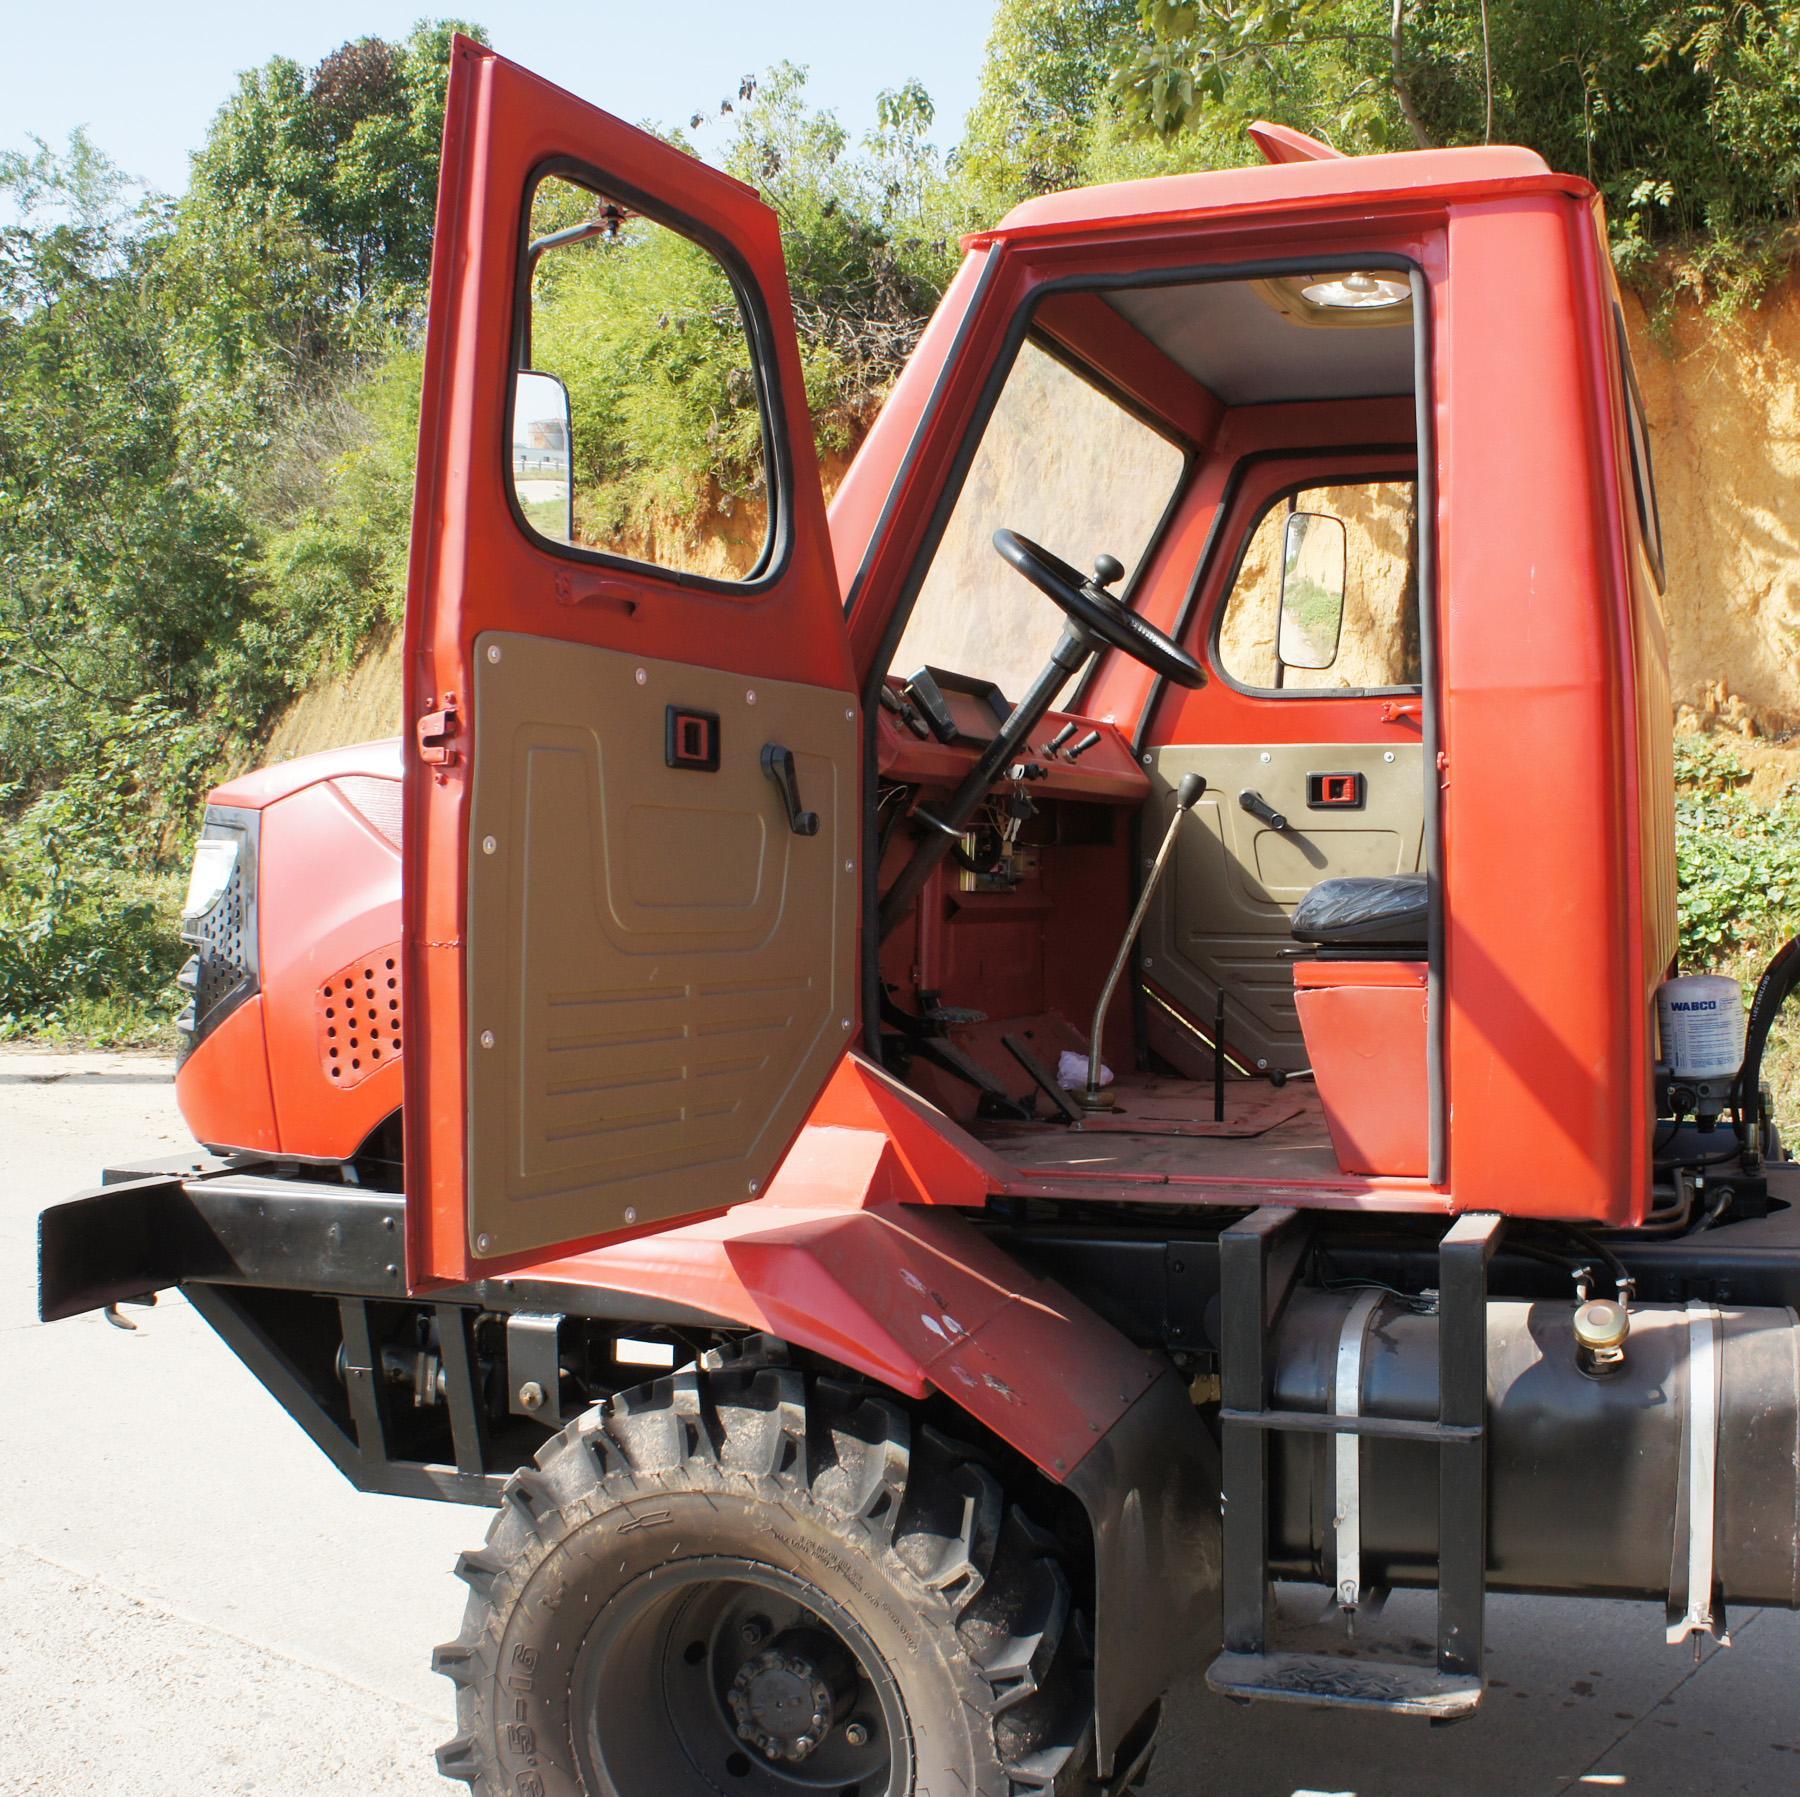 農用四驅棕櫚園折腰轉向運輸型拖拉機 WY-5000 9